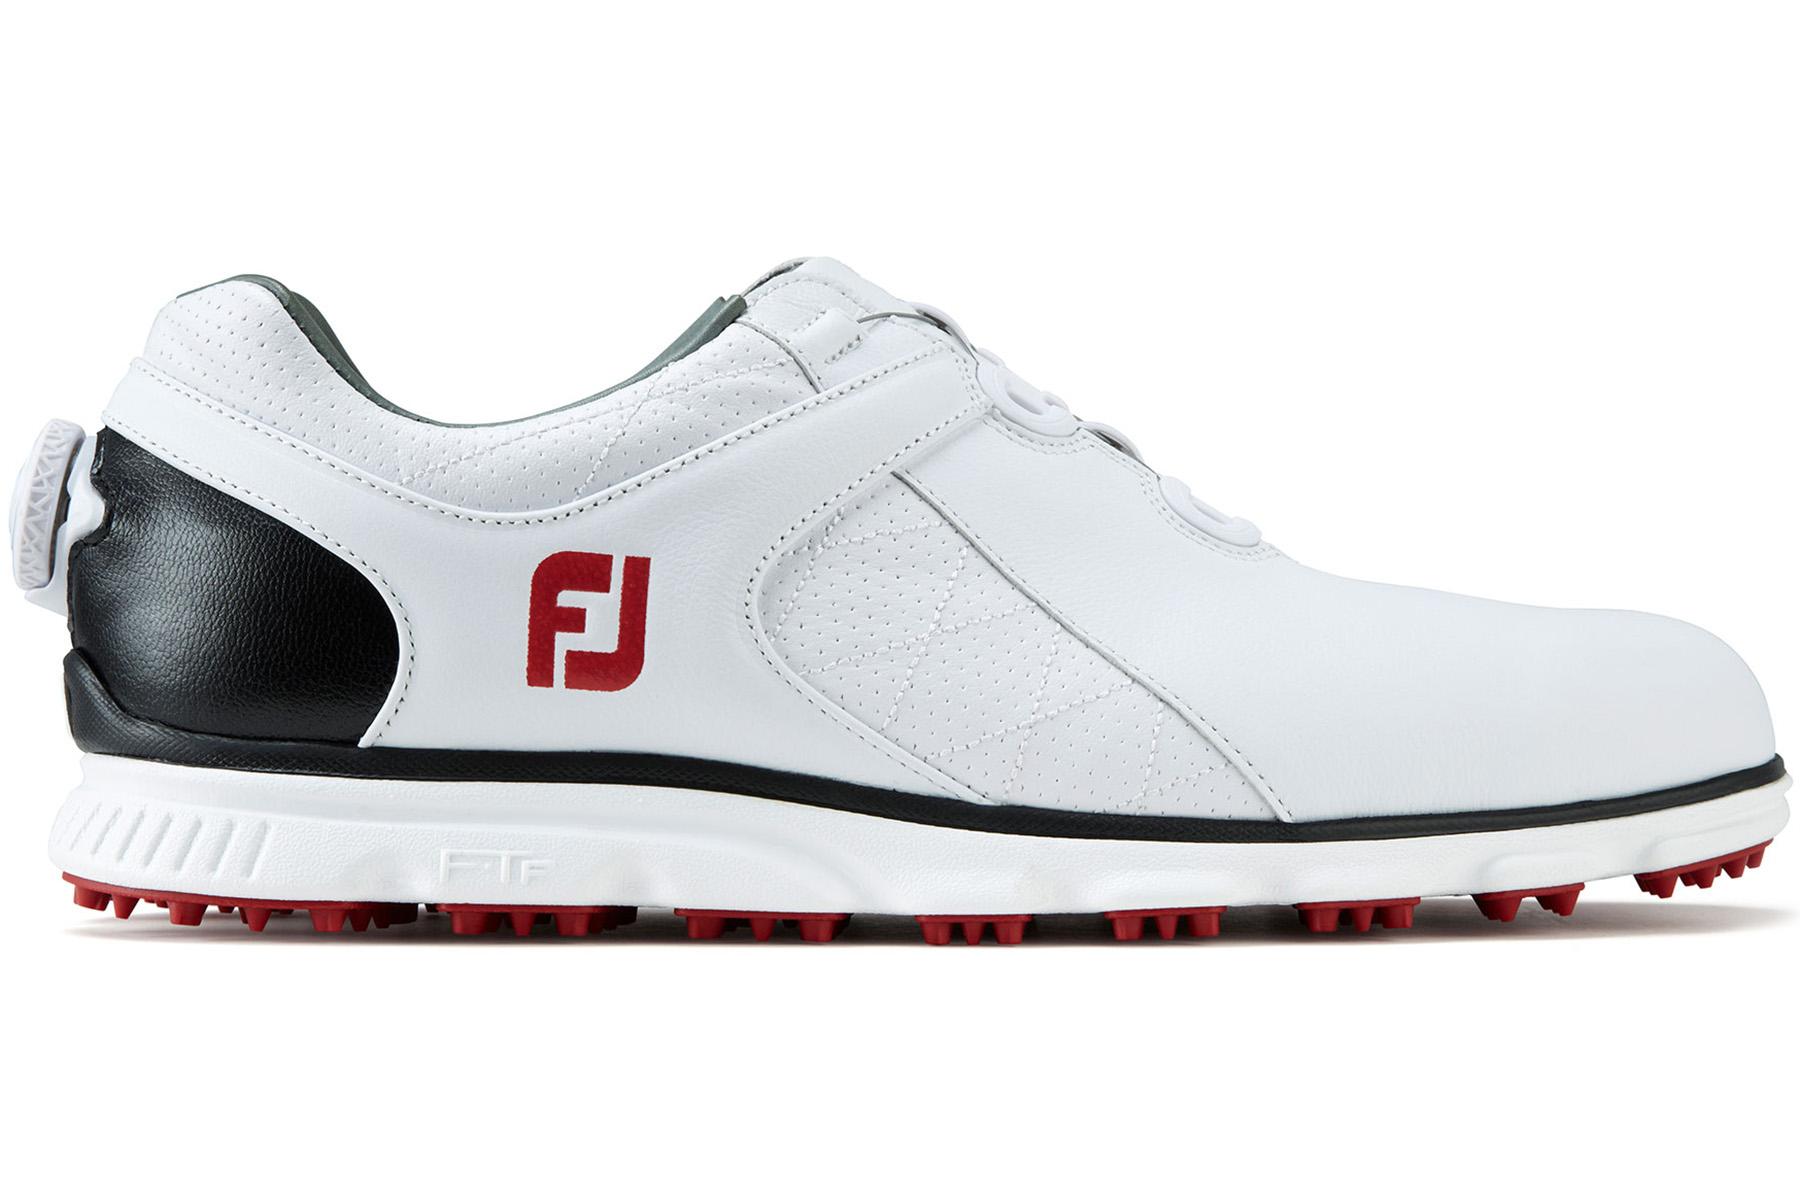 Wilson Approach Golf Shoes